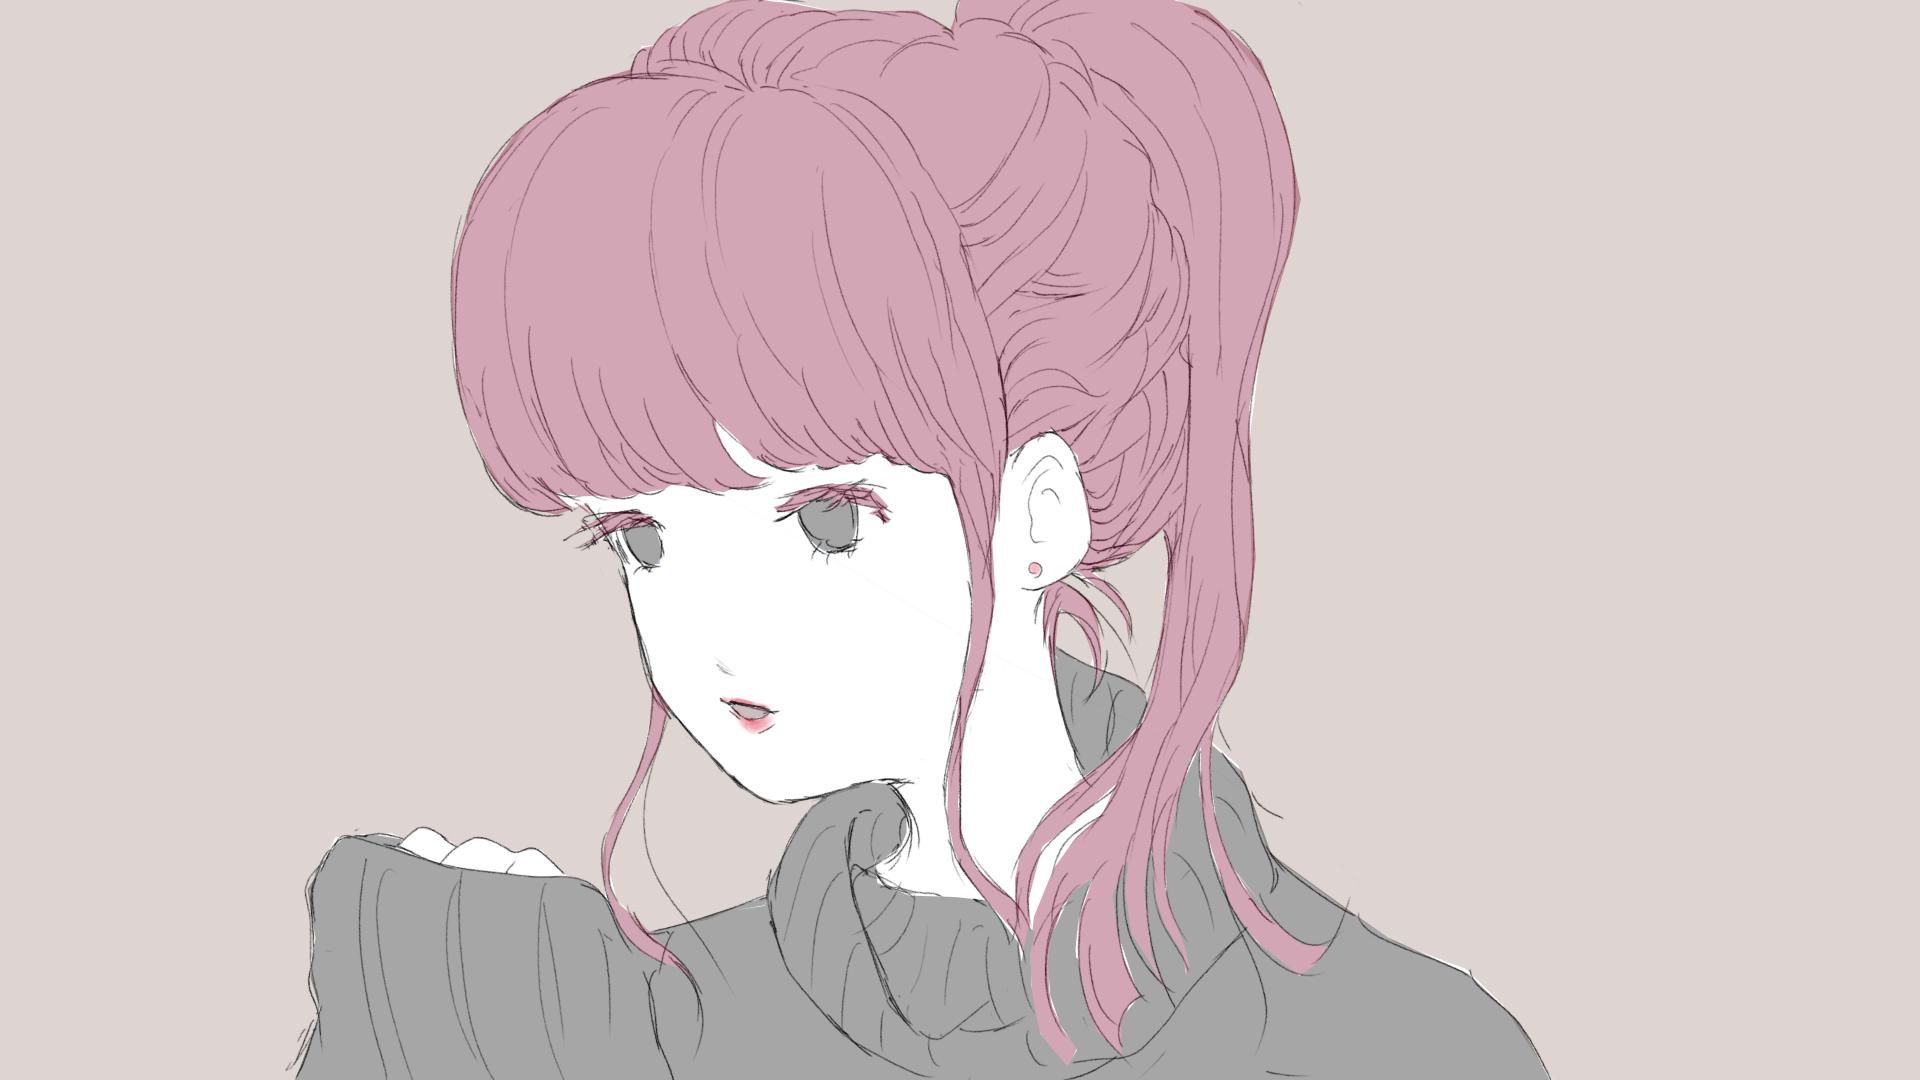 ピンク髪女子のフリーイラスト